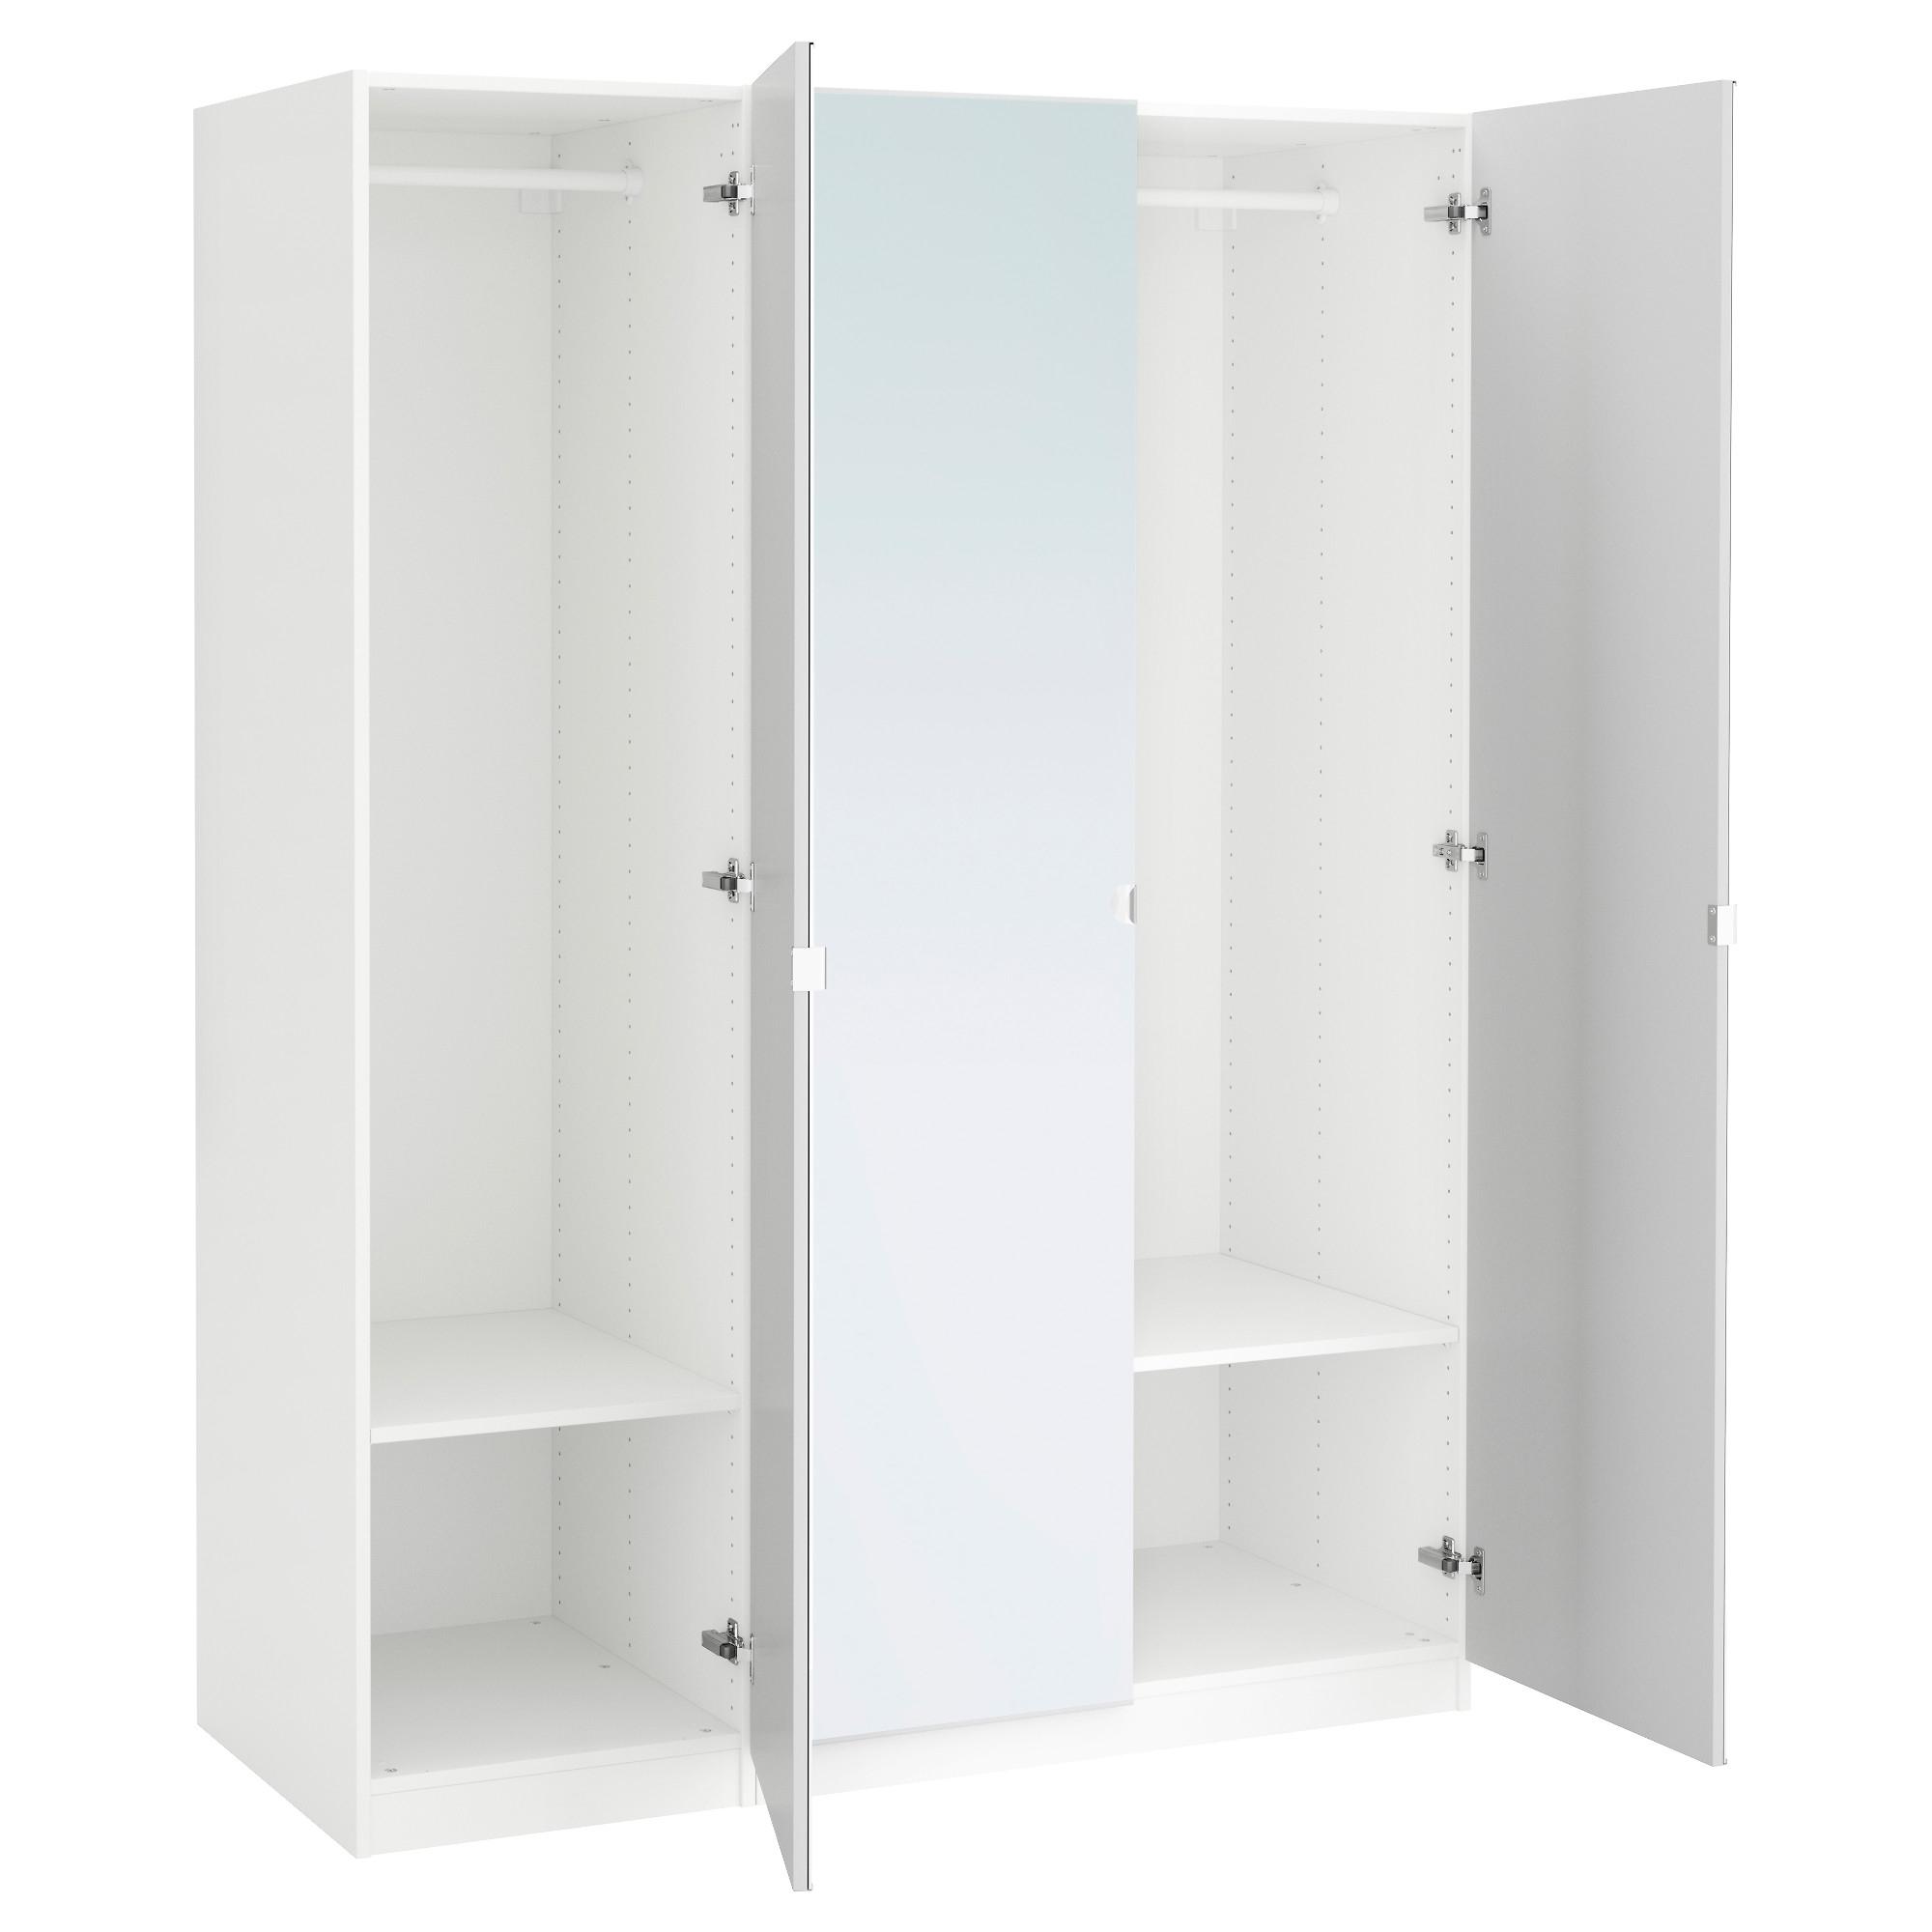 Famous Single White Wardrobes Regarding Pax Wardrobe White/vikedal Mirror Glass 150X60X201 Cm – Ikea (View 1 of 15)